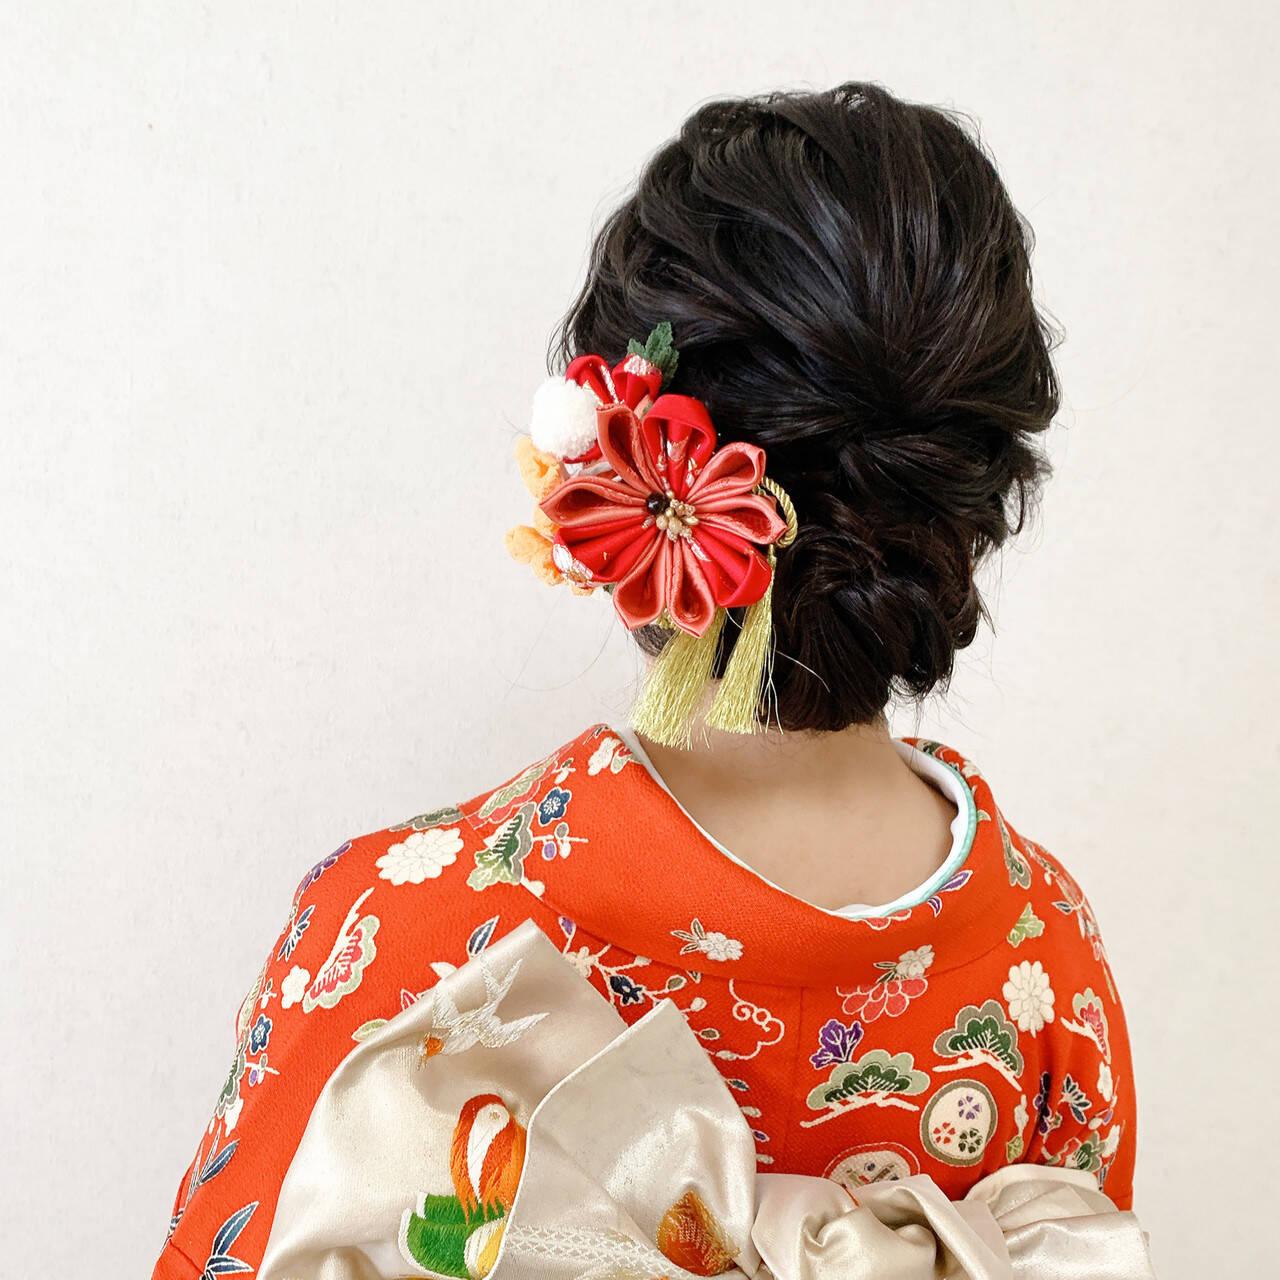 結婚式 エレガント 振袖ヘア 結婚式ヘアアレンジヘアスタイルや髪型の写真・画像